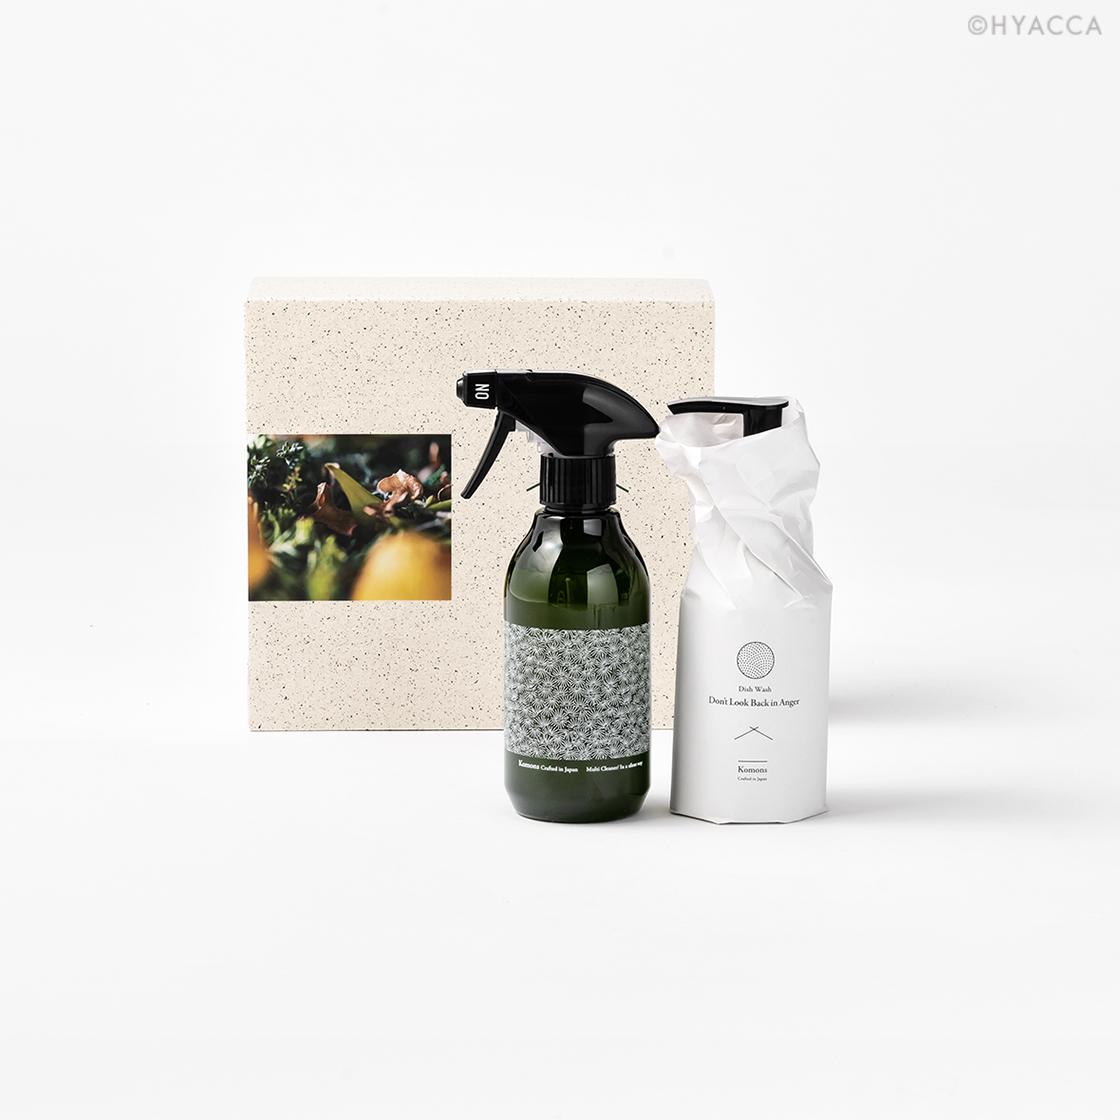 ベーシックカルテット/食器用洗剤&マルチクリーナー&ハンドソープ&ファブリックミスト[コモンズ] 2